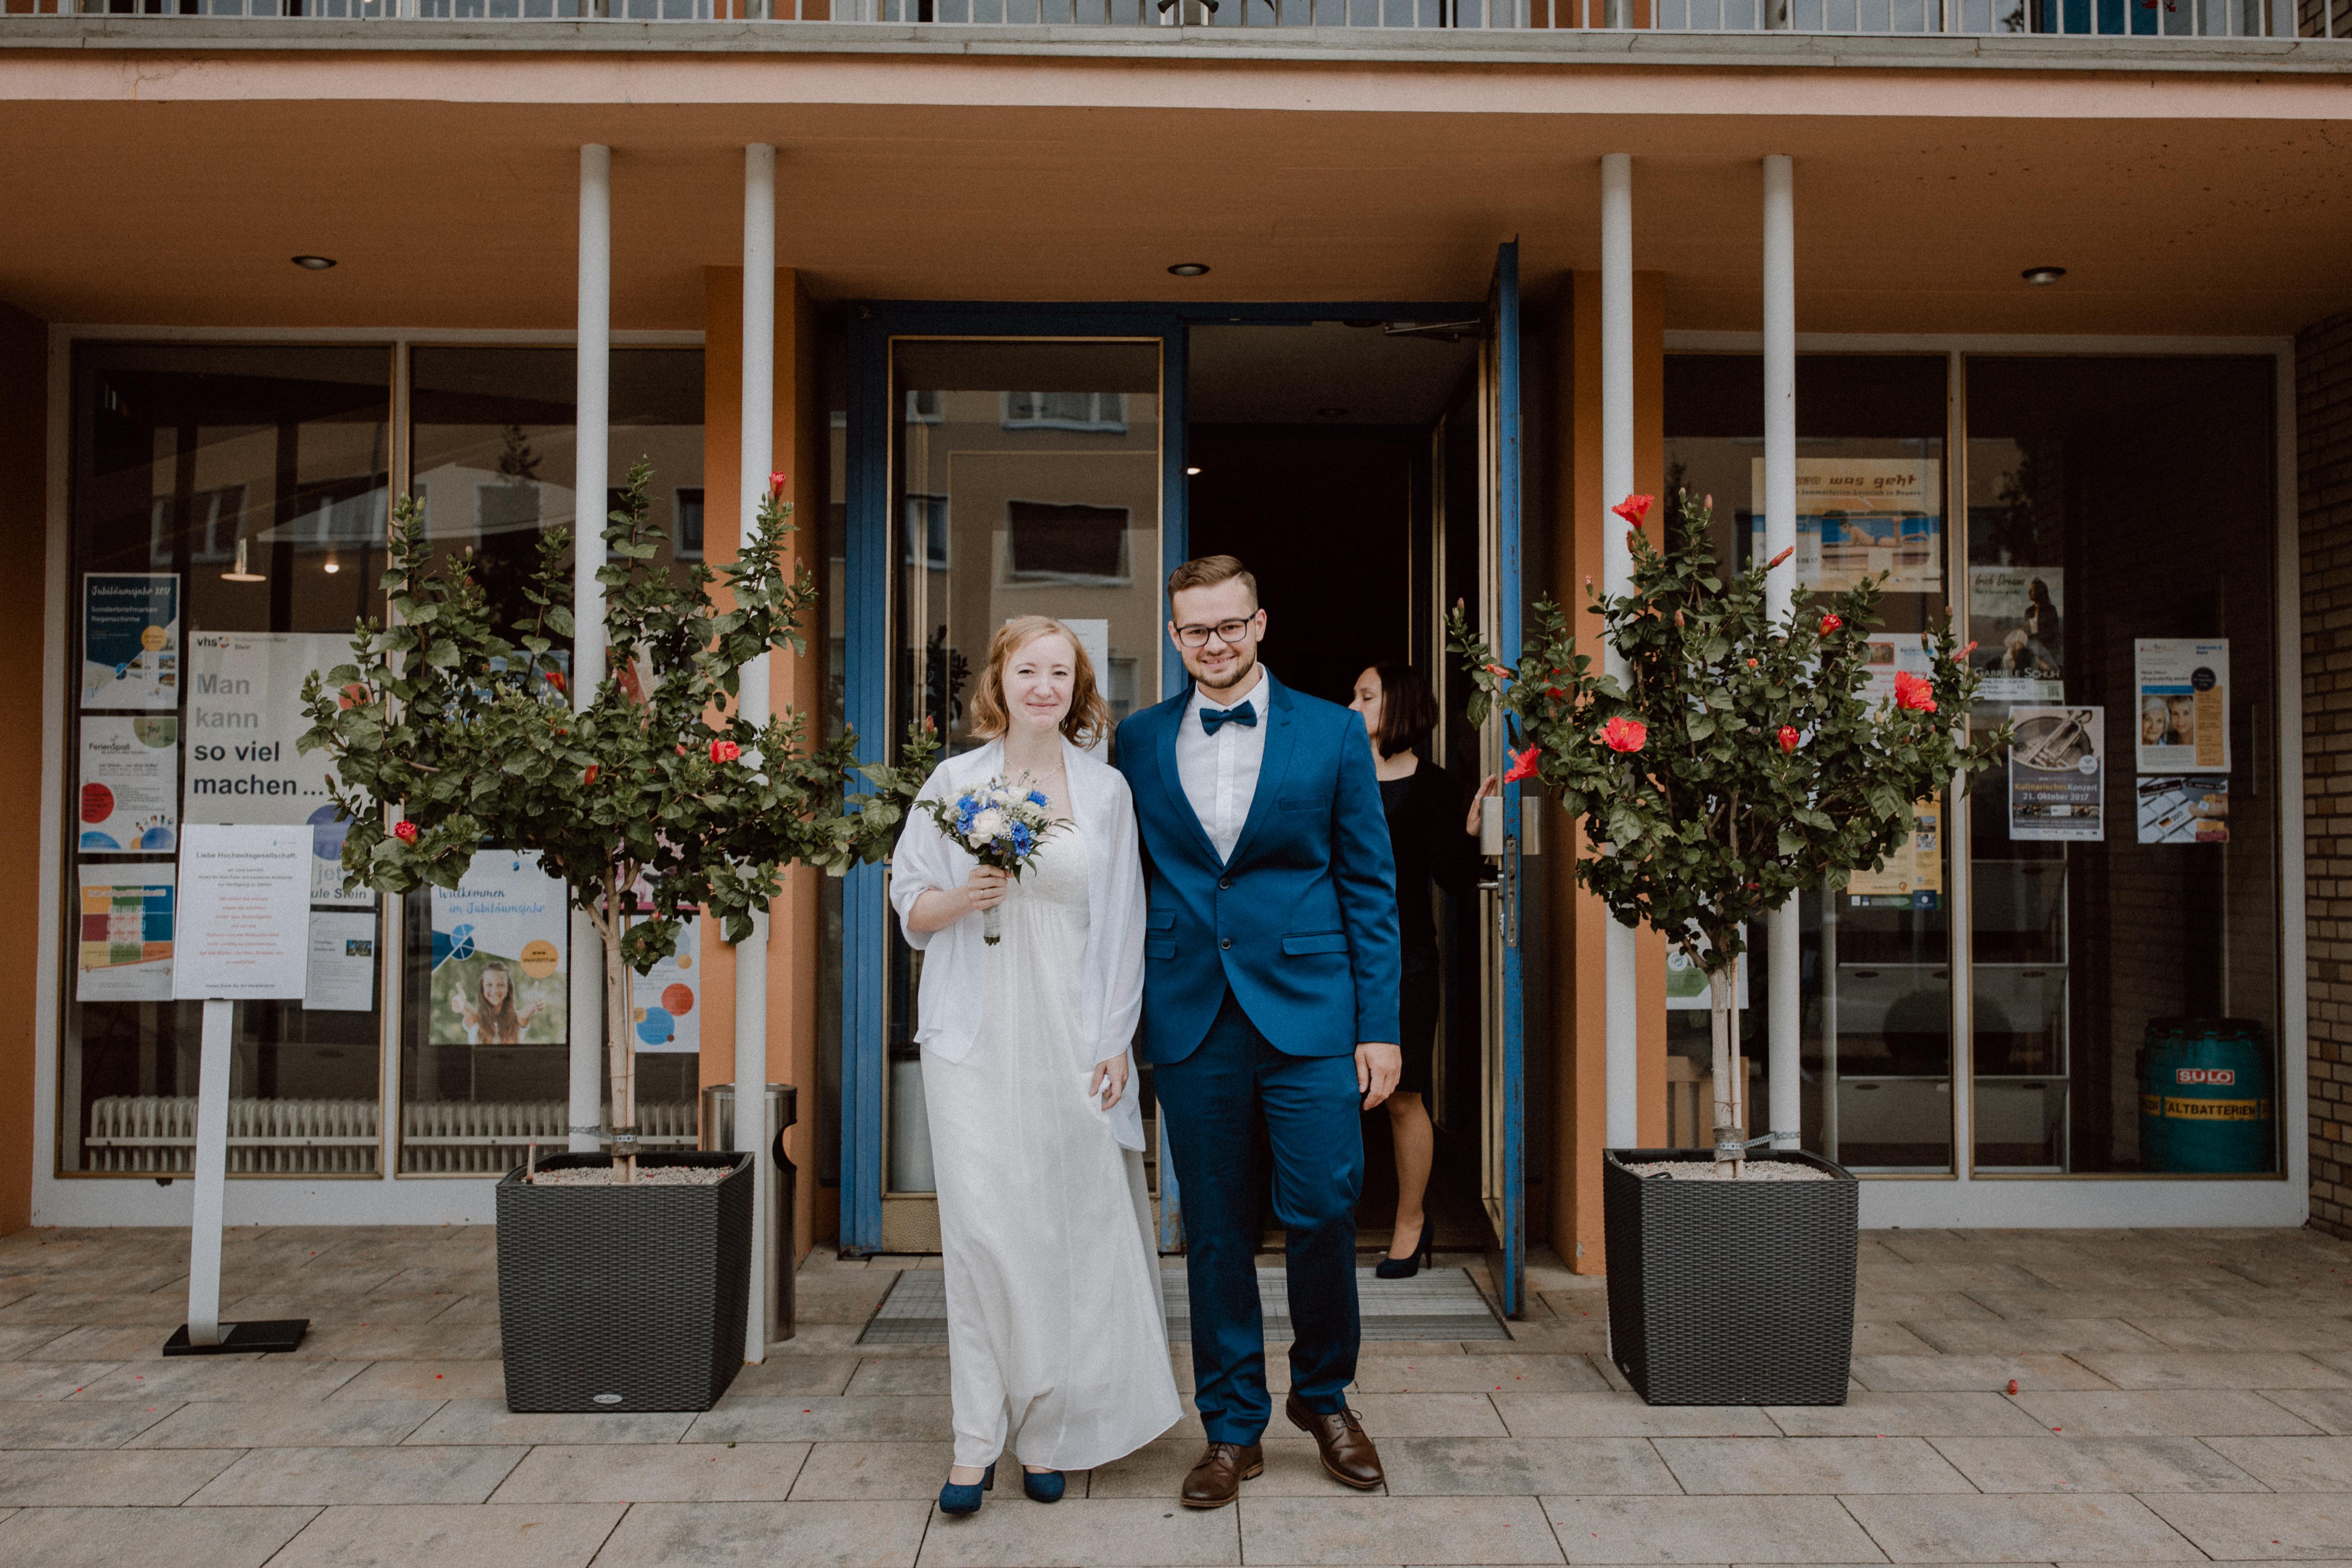 URBANERIE_Daniela_Goth_Hochzeitsfotografin_Nürnberg_Fürth_Erlangen_Schwabach_17907_0171